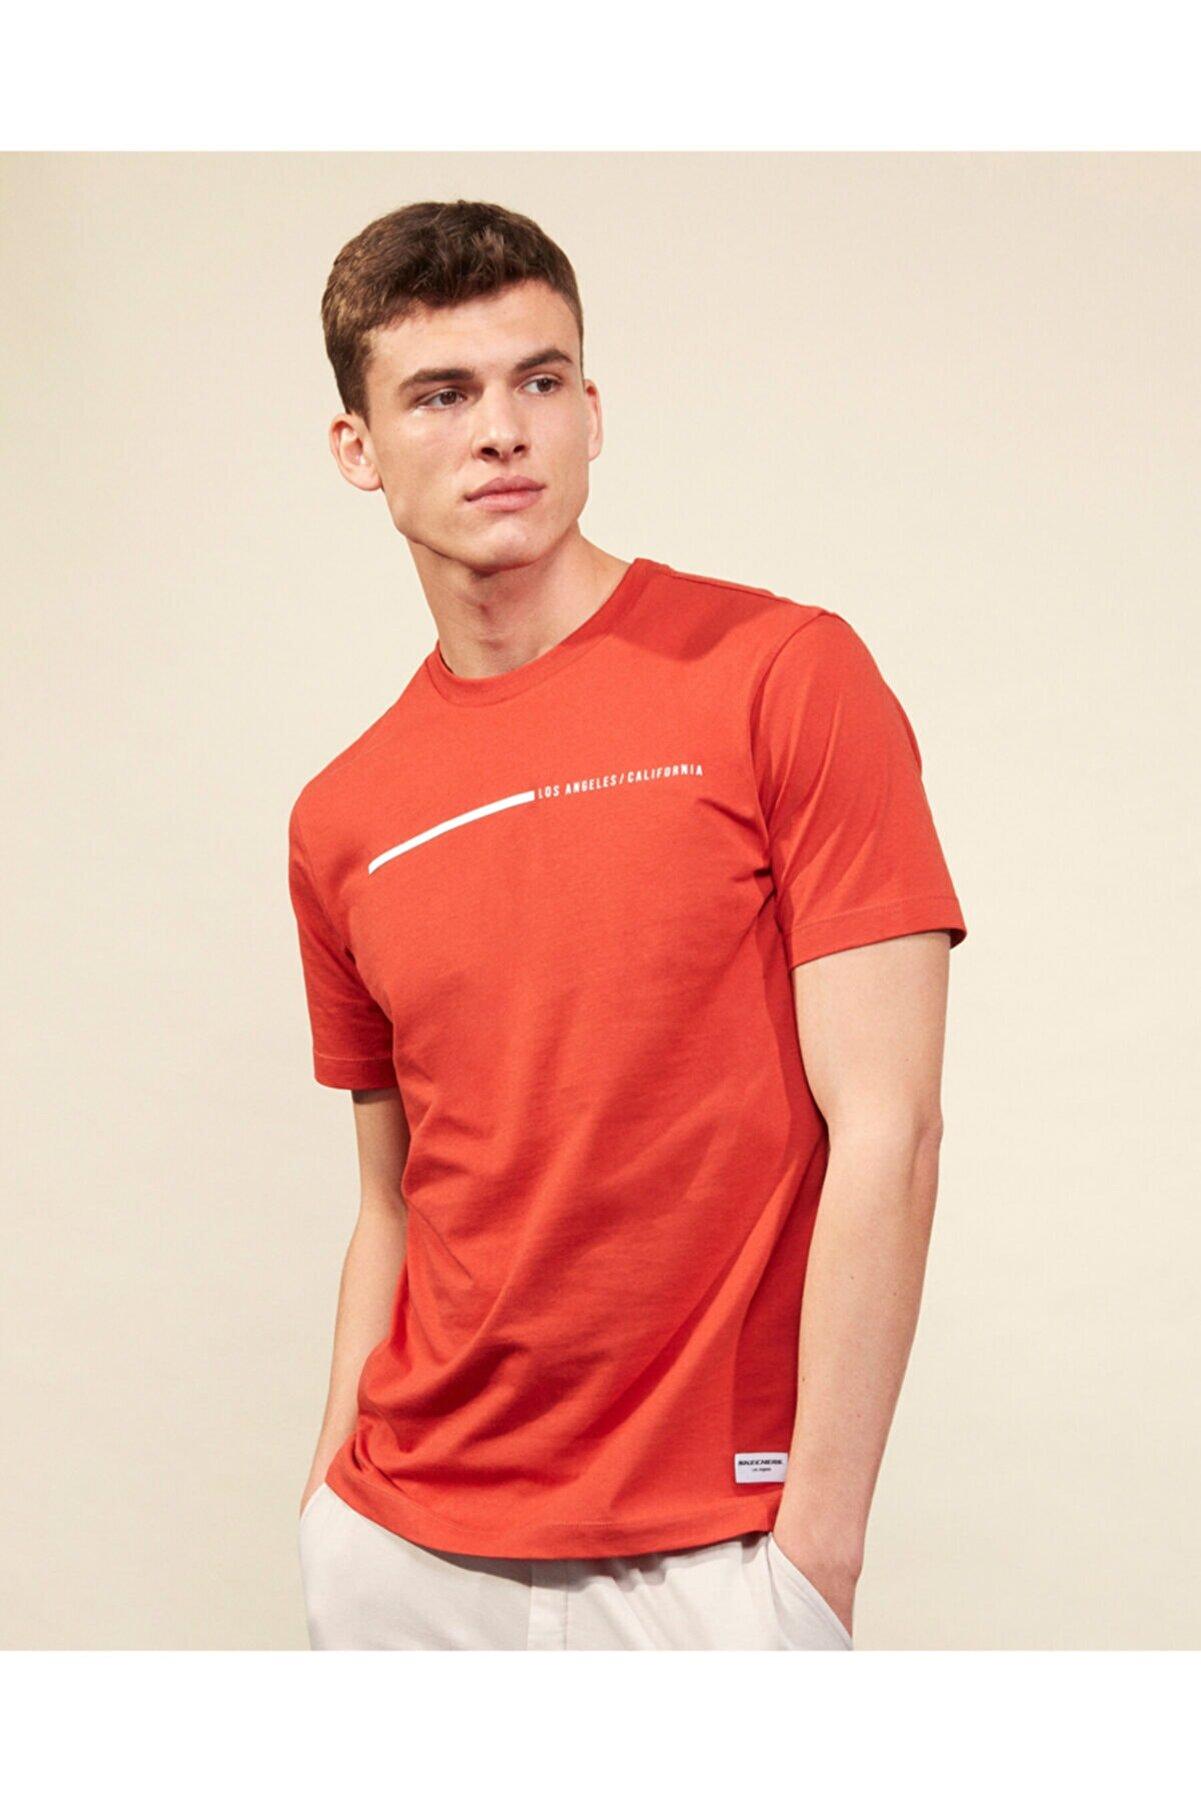 Skechers Graphic Tee M Crew Neck T-Shirt Erkek Turuncu Tshirt